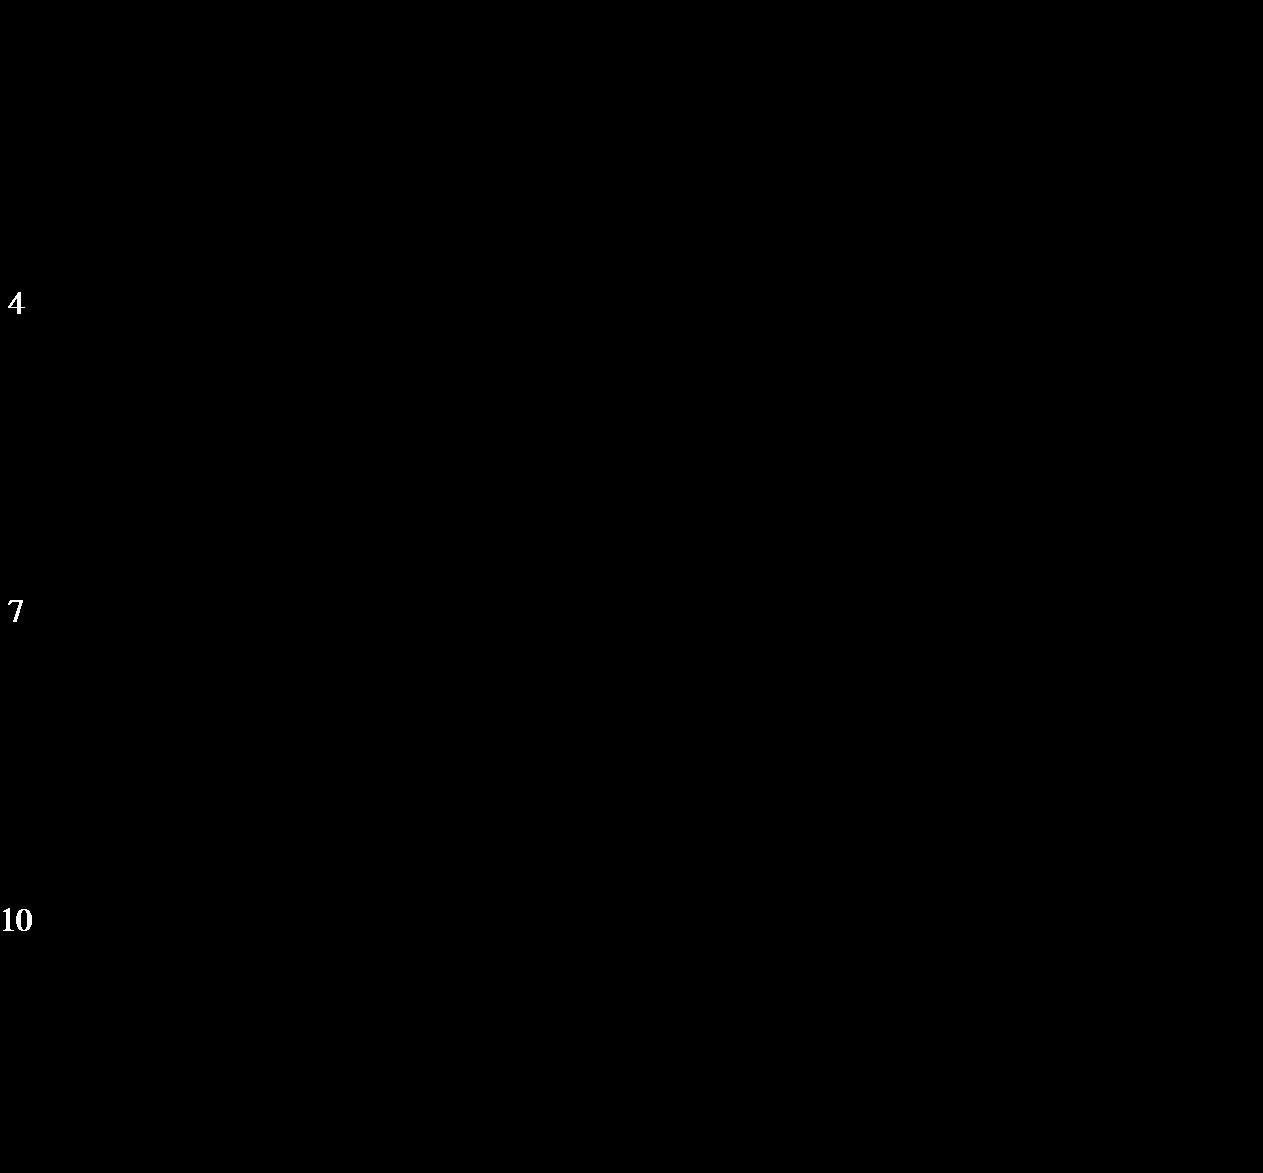 006 Van de zaaier-1